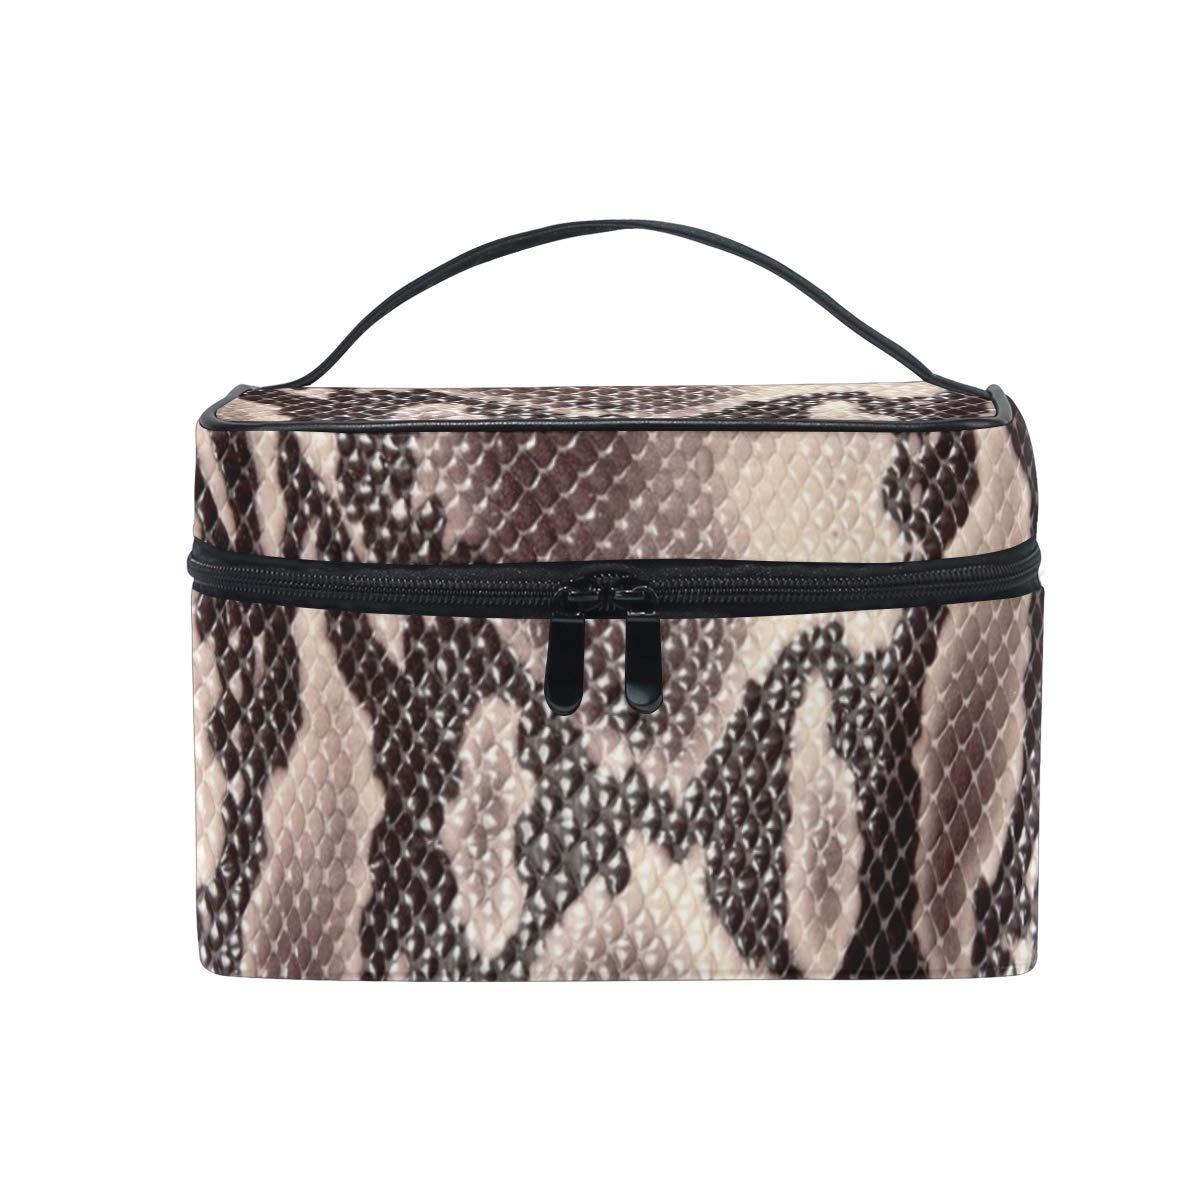 Large Travel Makeup Train Case Snake Skin Carrying Portable Zip Cosmetic Brush Bag Makeup Bag Organizer for Girls Women